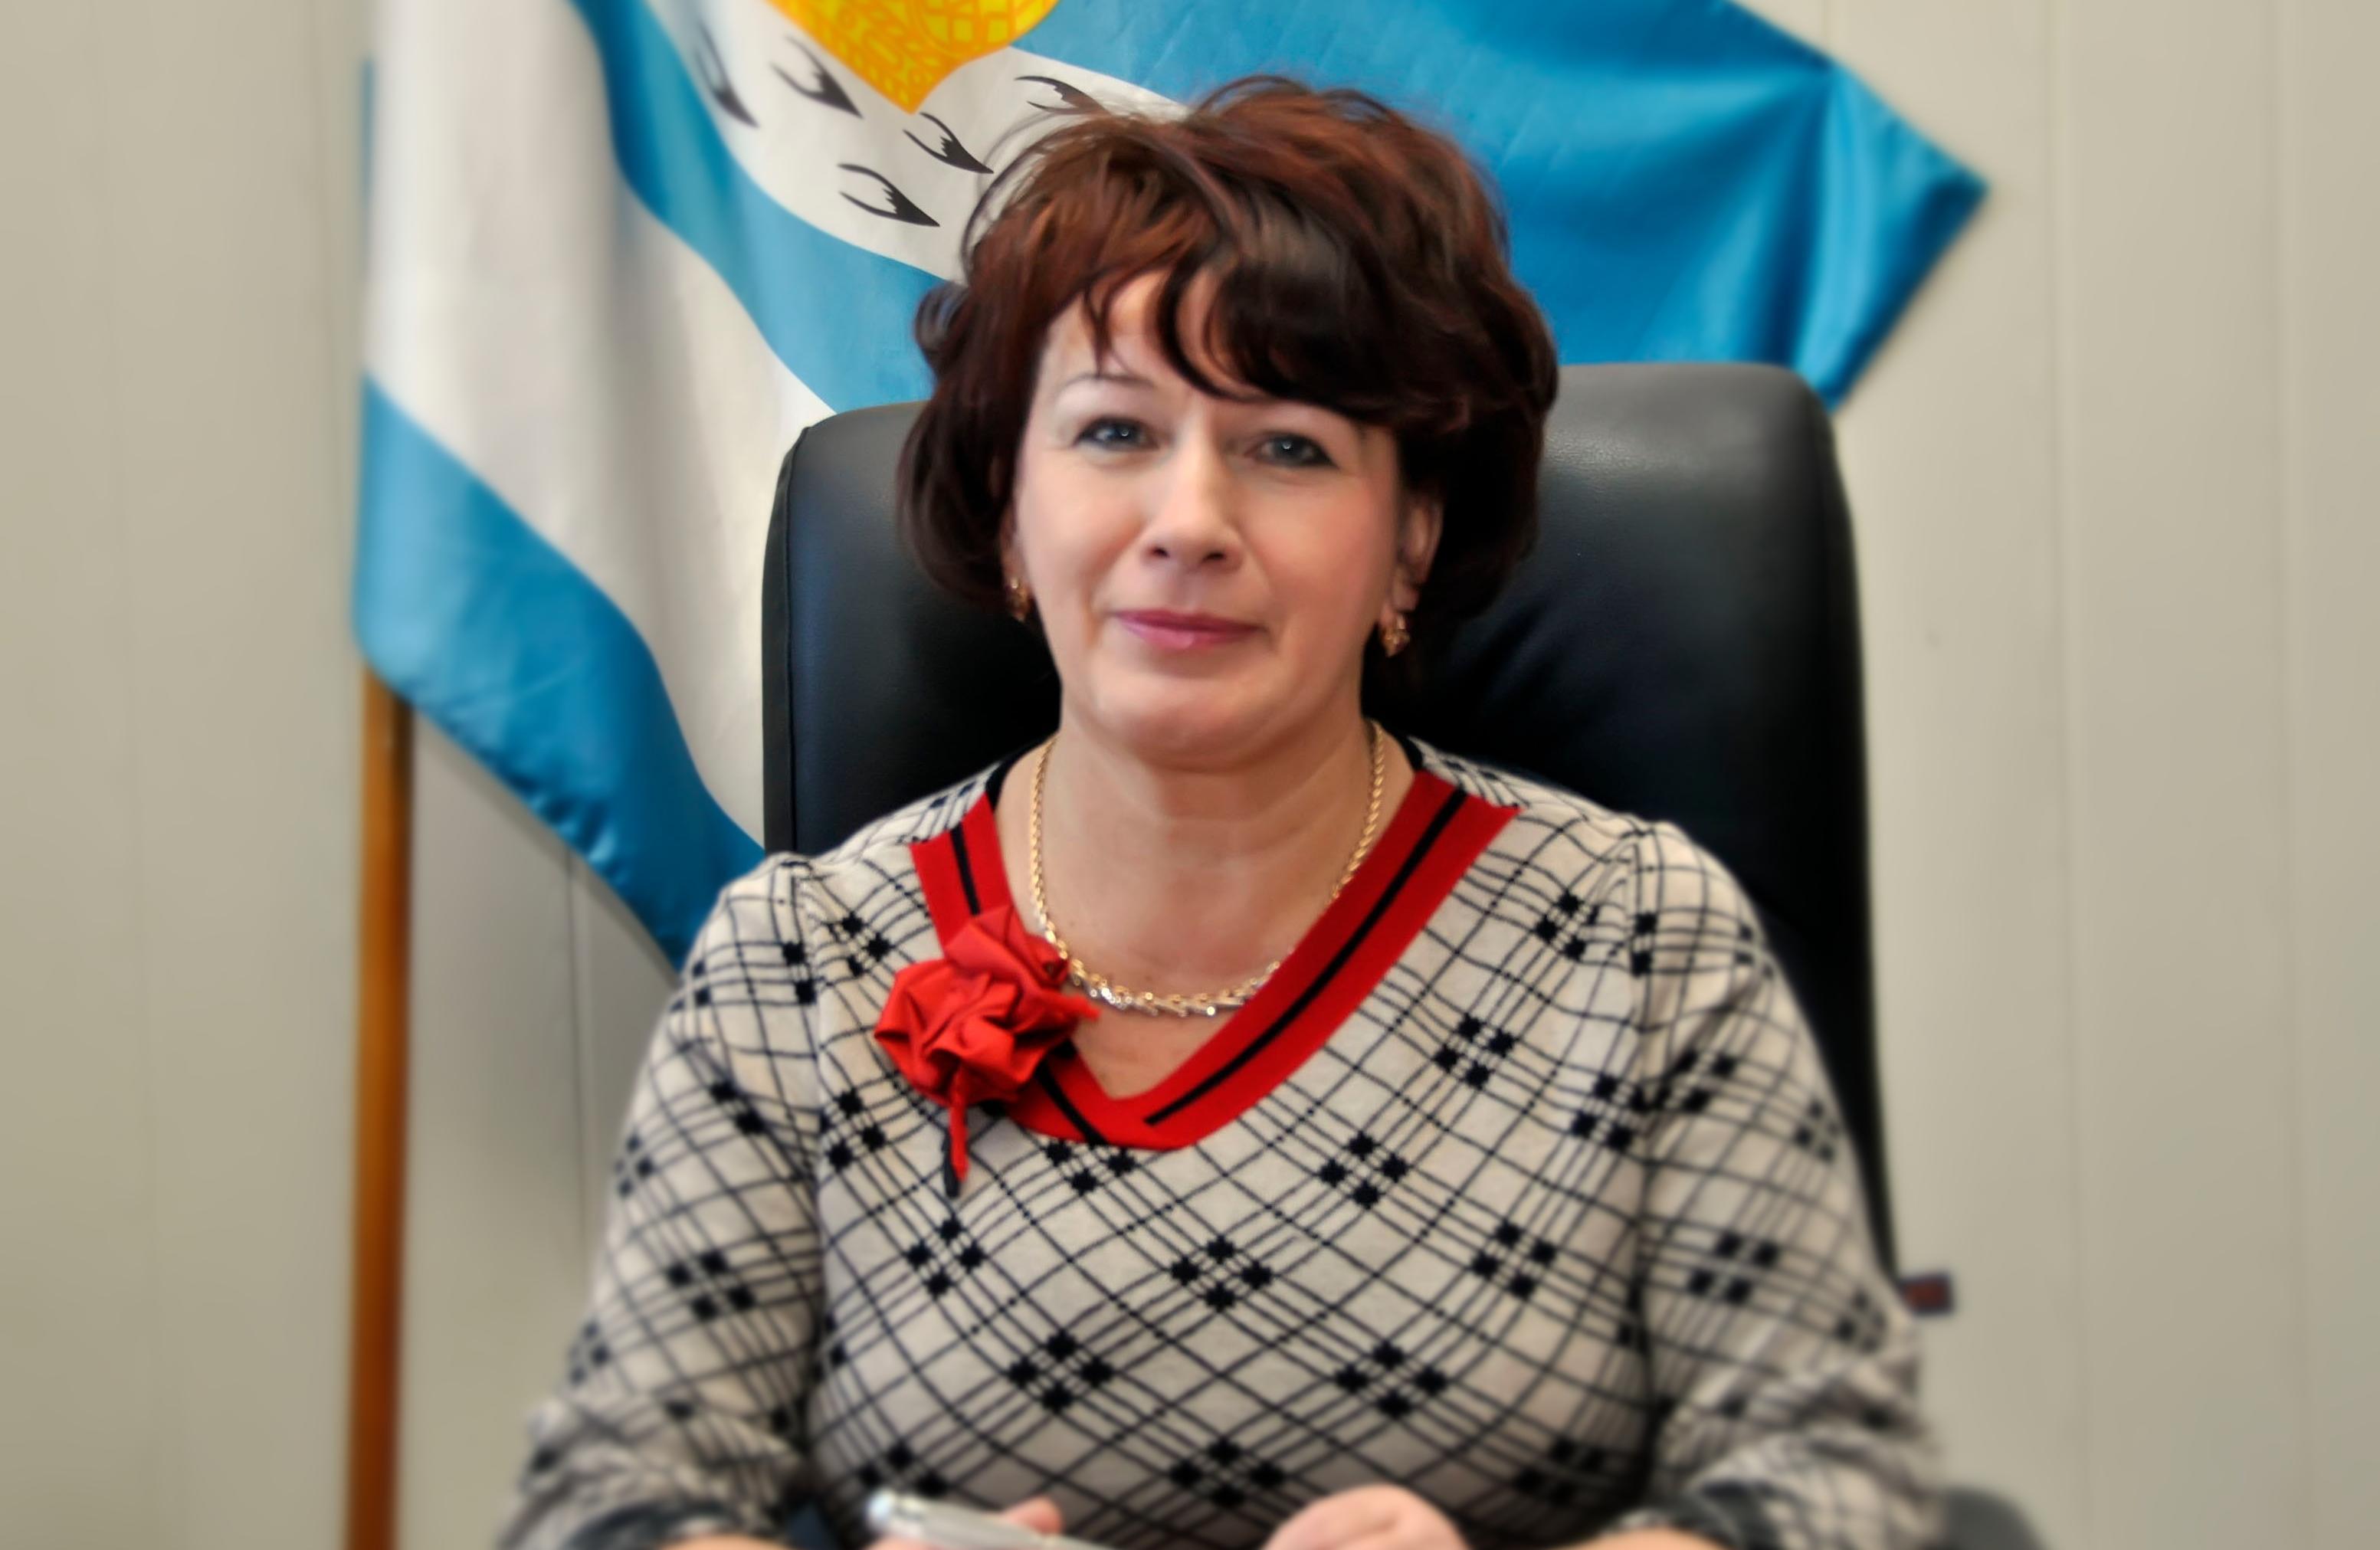 Глава Вышневолоцкого округа Наталья Рощина: «Столько, сколько делается сейчас в регионе, не делалось никогда» - новости Афанасий